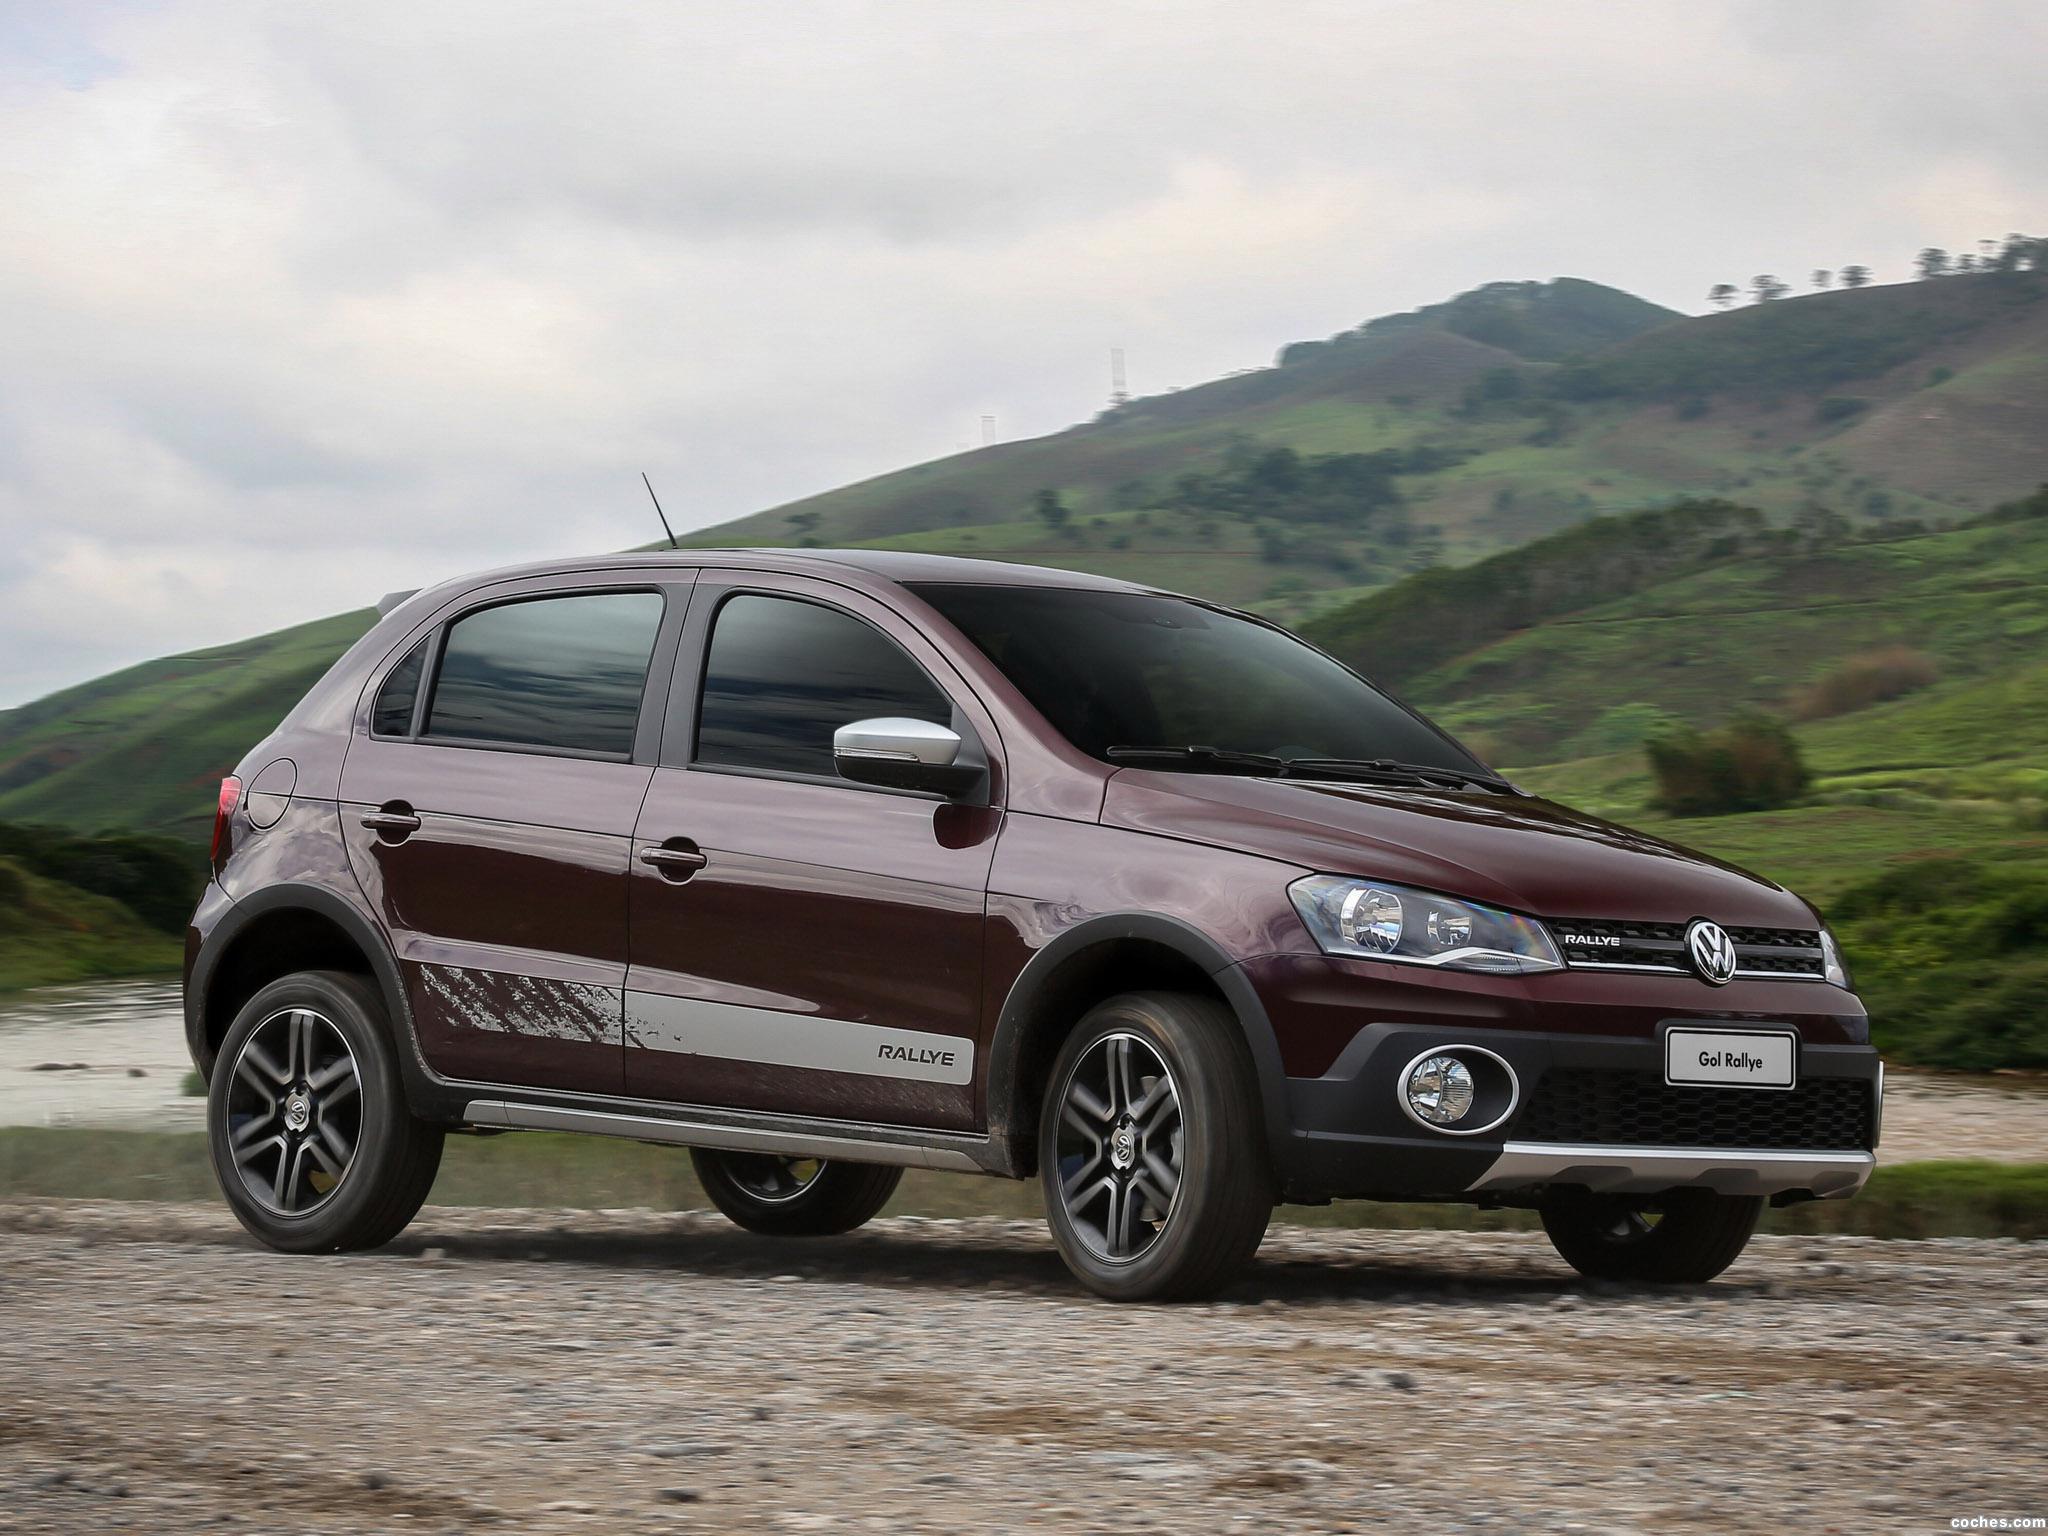 Foto 0 de Volkswagen Gol Rallye 2014